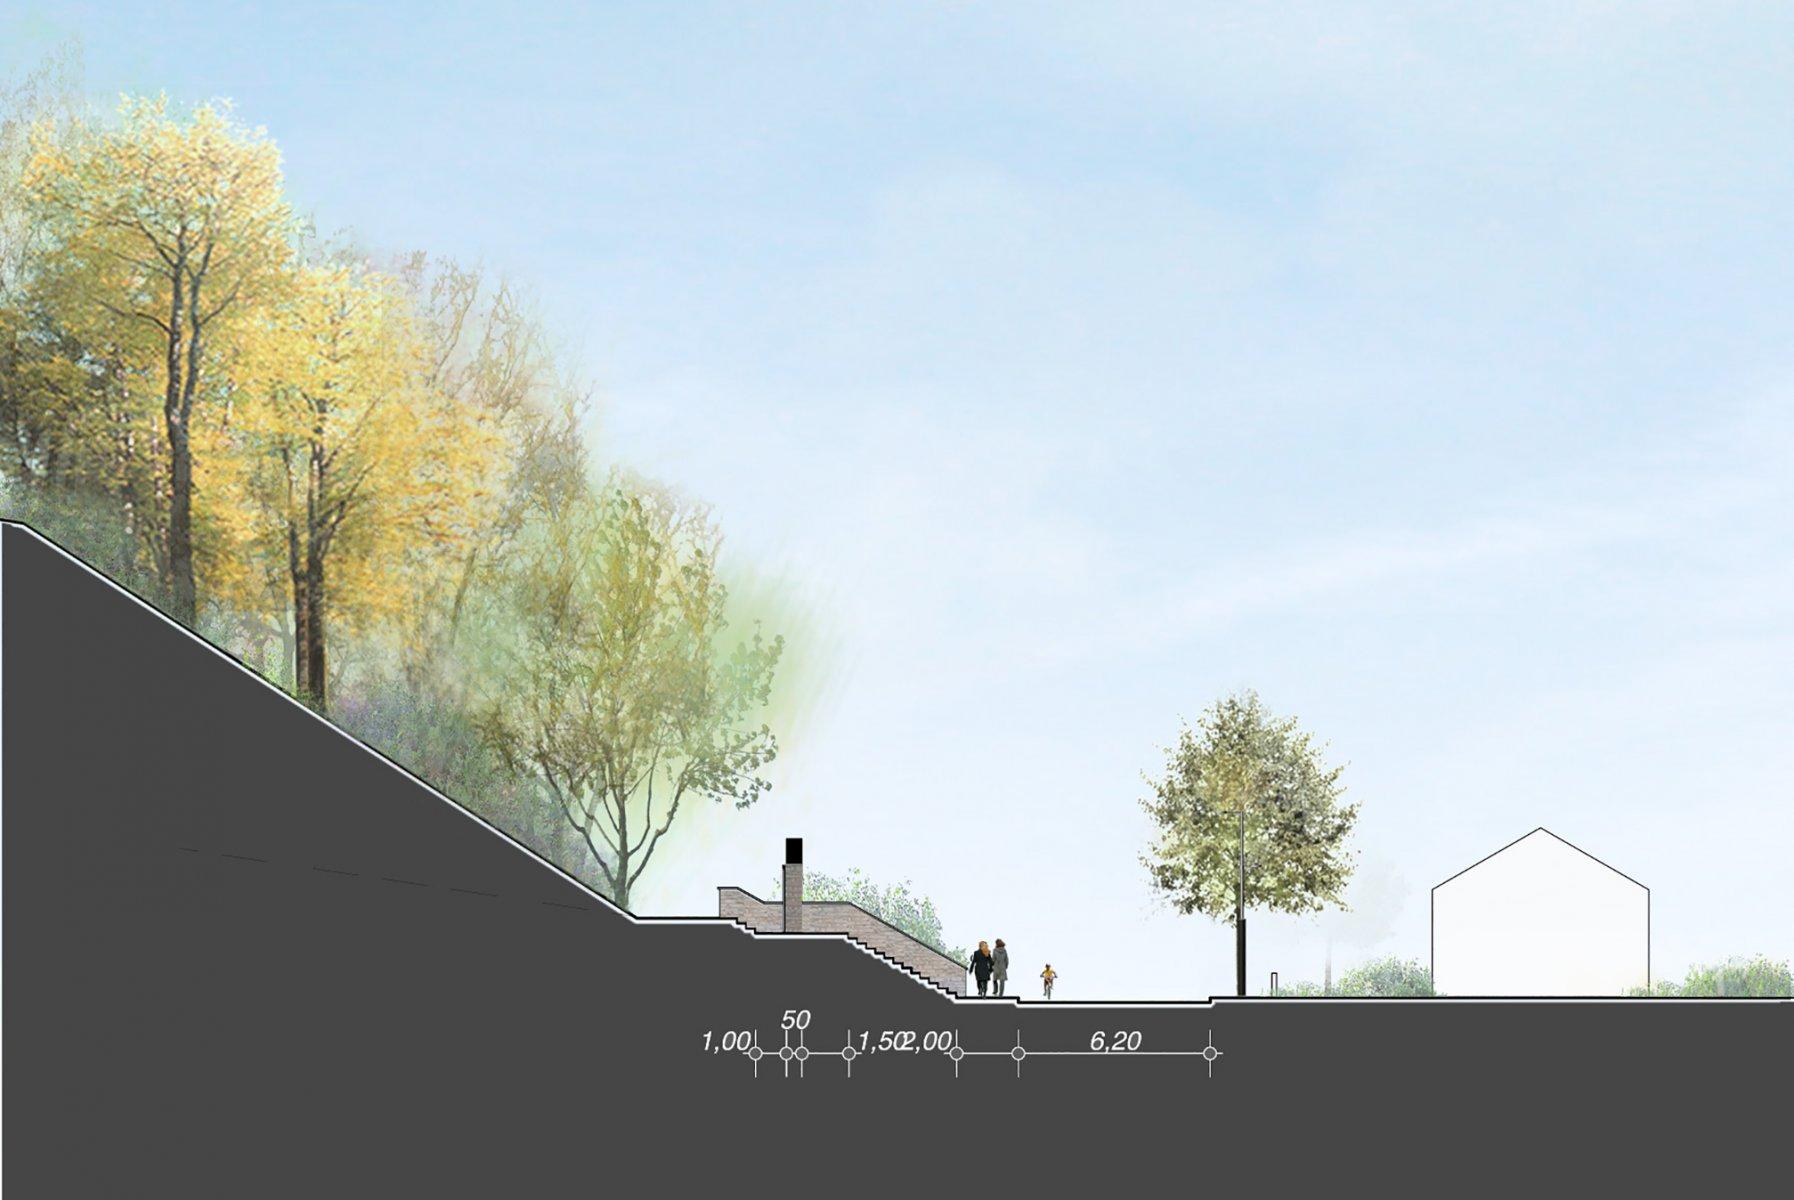 Am nagement du bois communal verneuil arval architecture - Architecture du bois ...